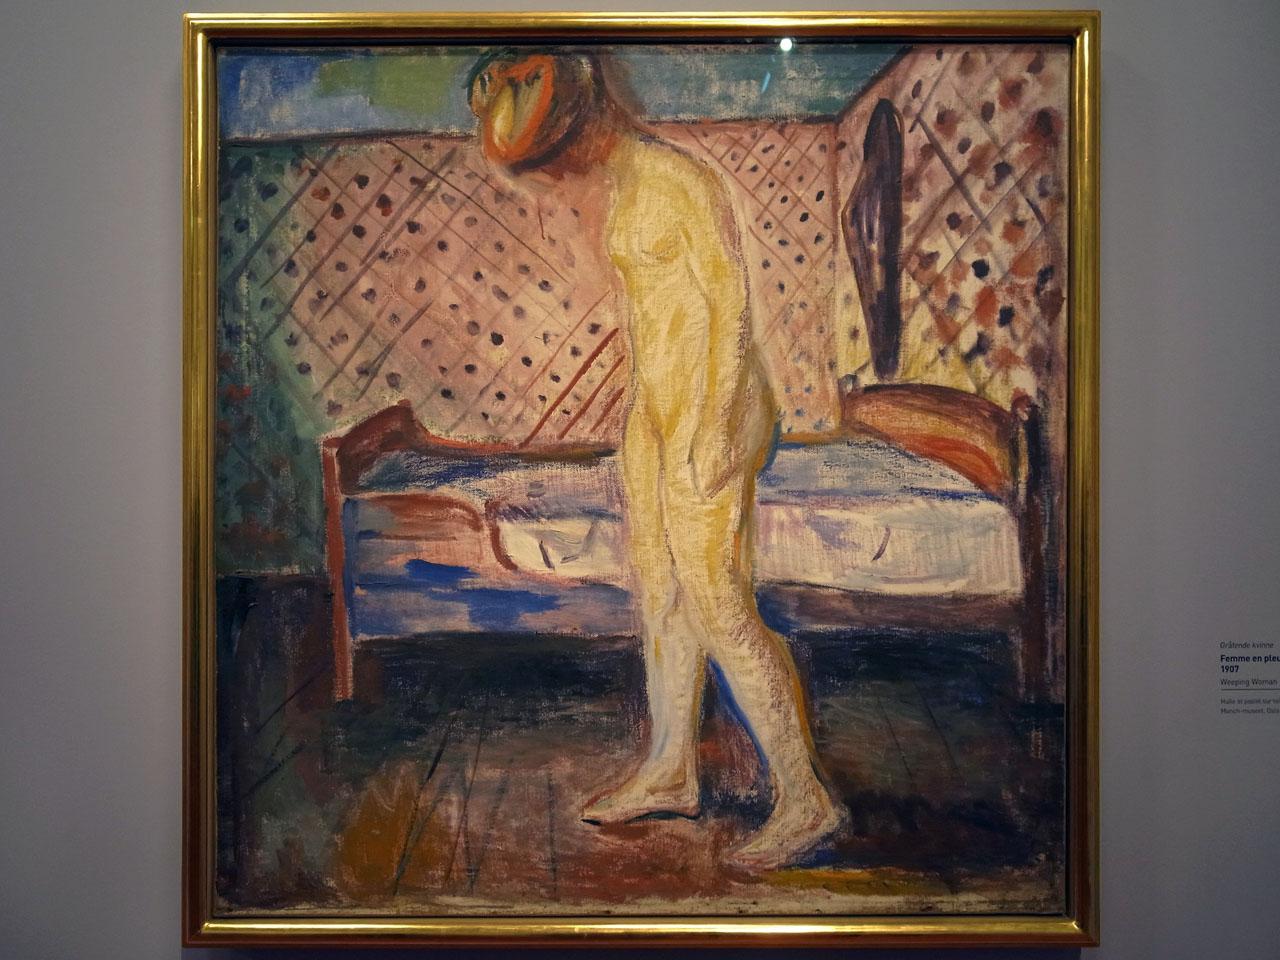 ce que voit le peintre et ce qu'il nous envoie Munch-nu-peinture-2